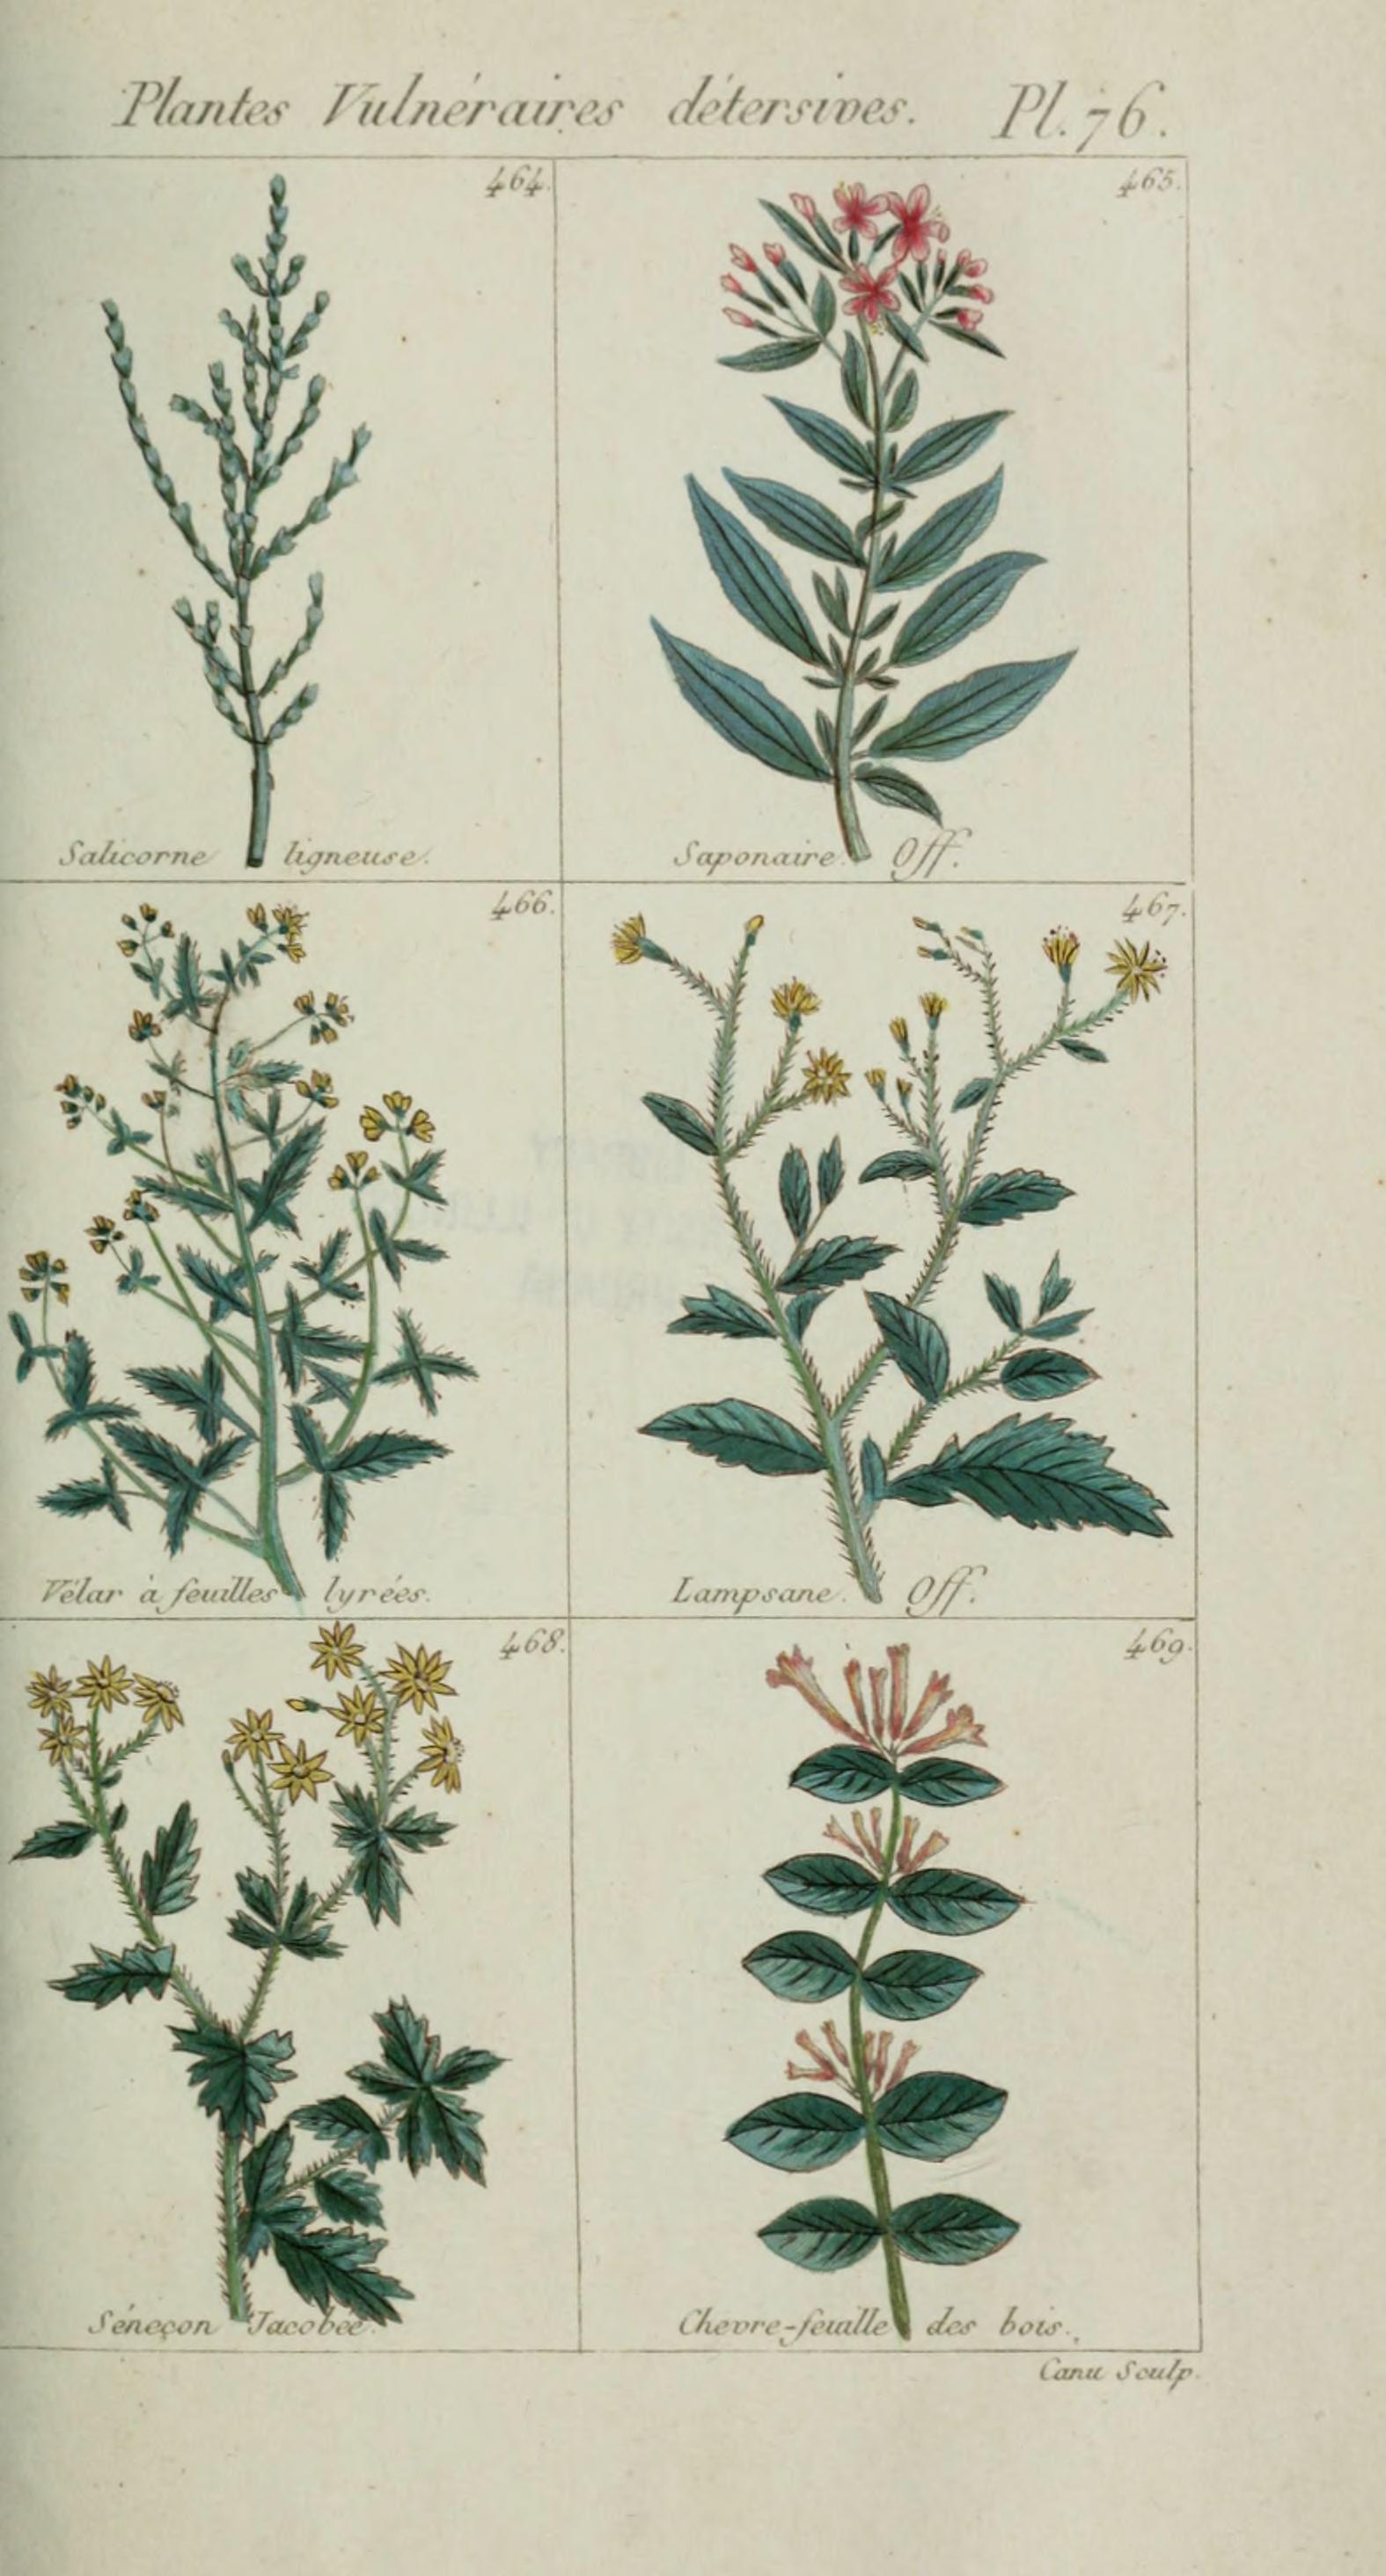 File plantes usuelles indig nes et exotiques pl 76 for Plante exotique